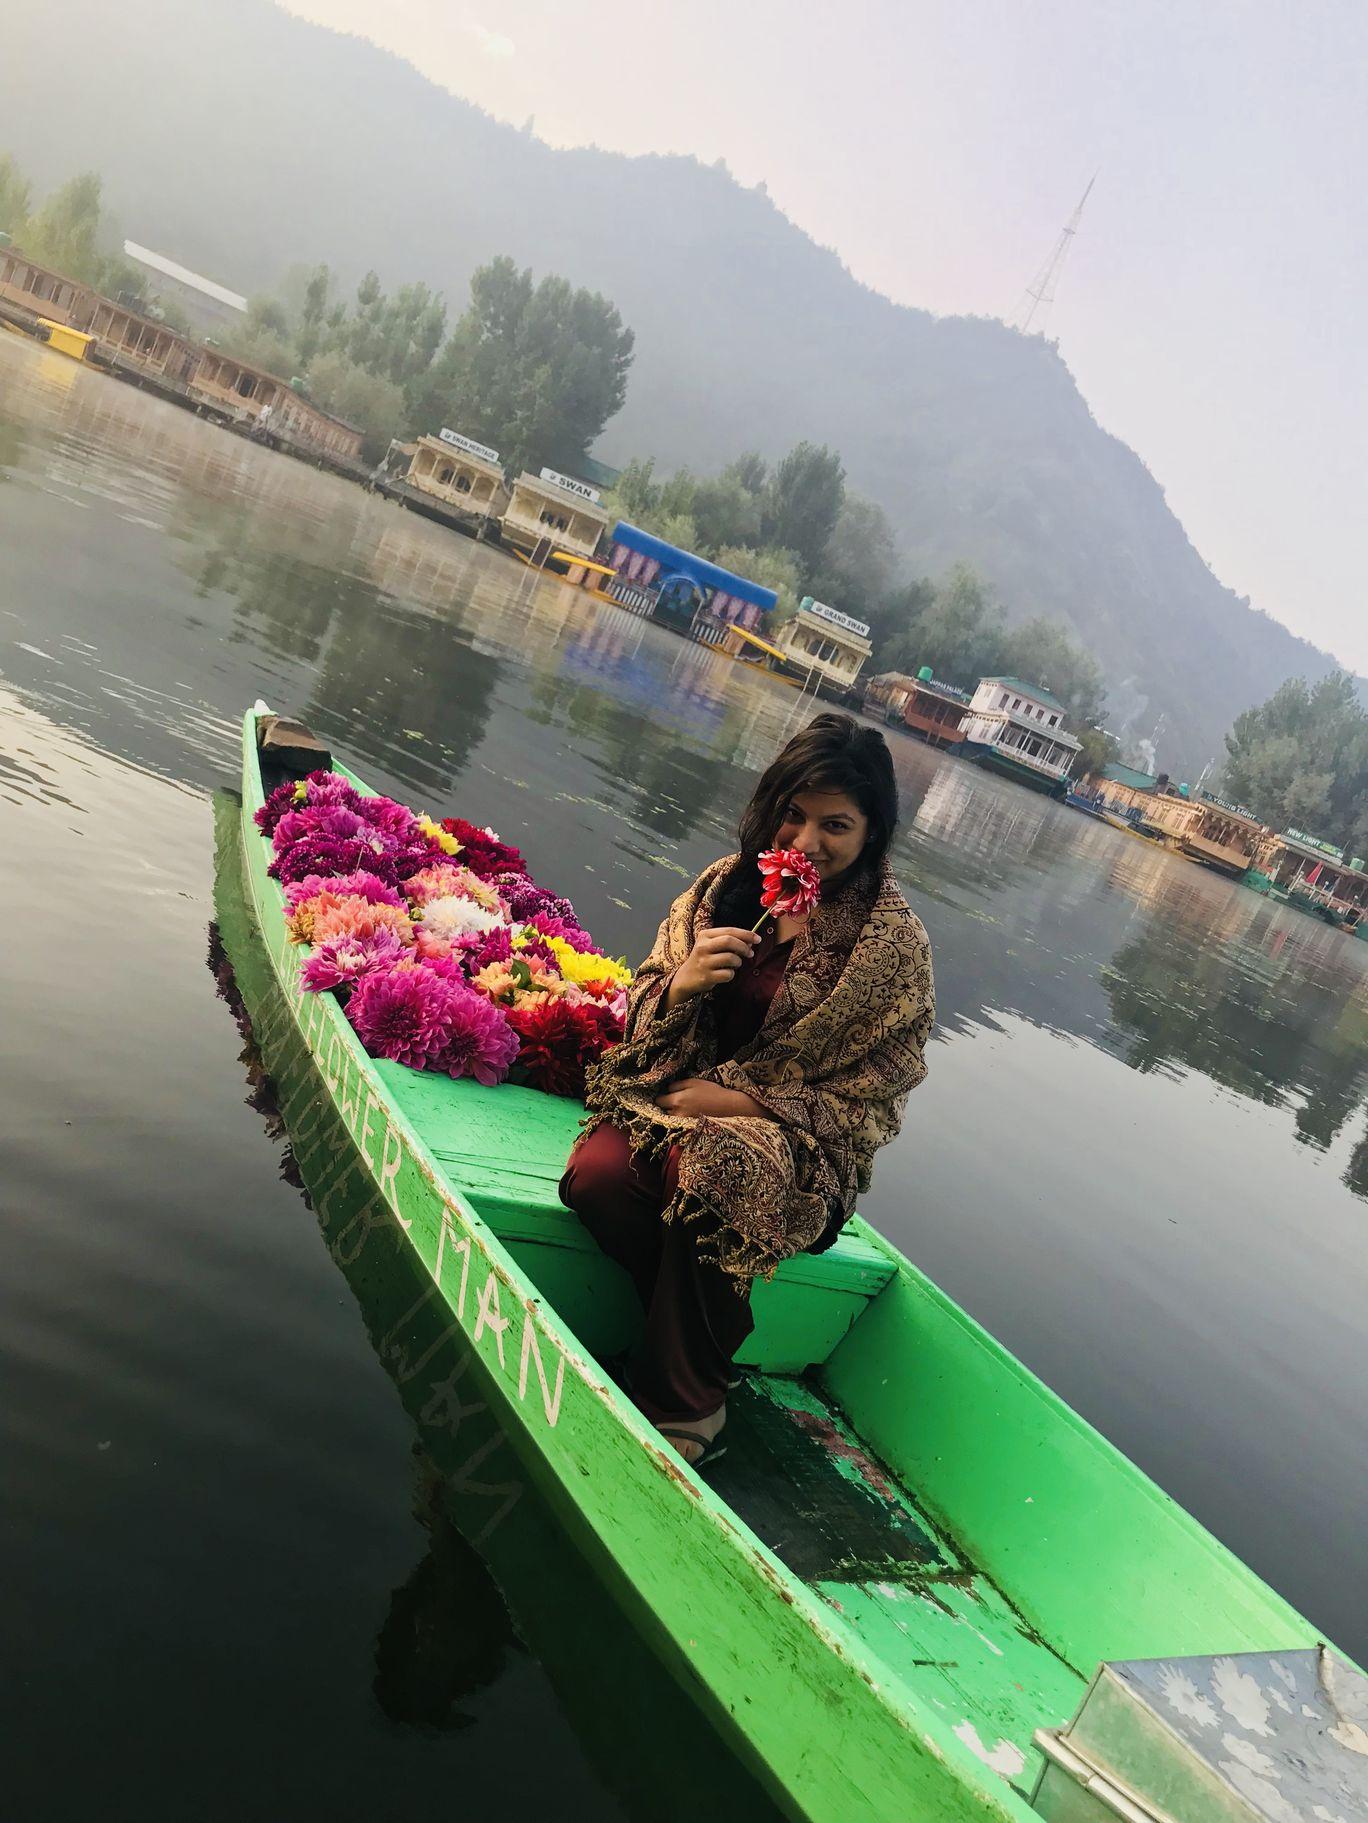 Photo of Dal Lake By Sharwani Bhati